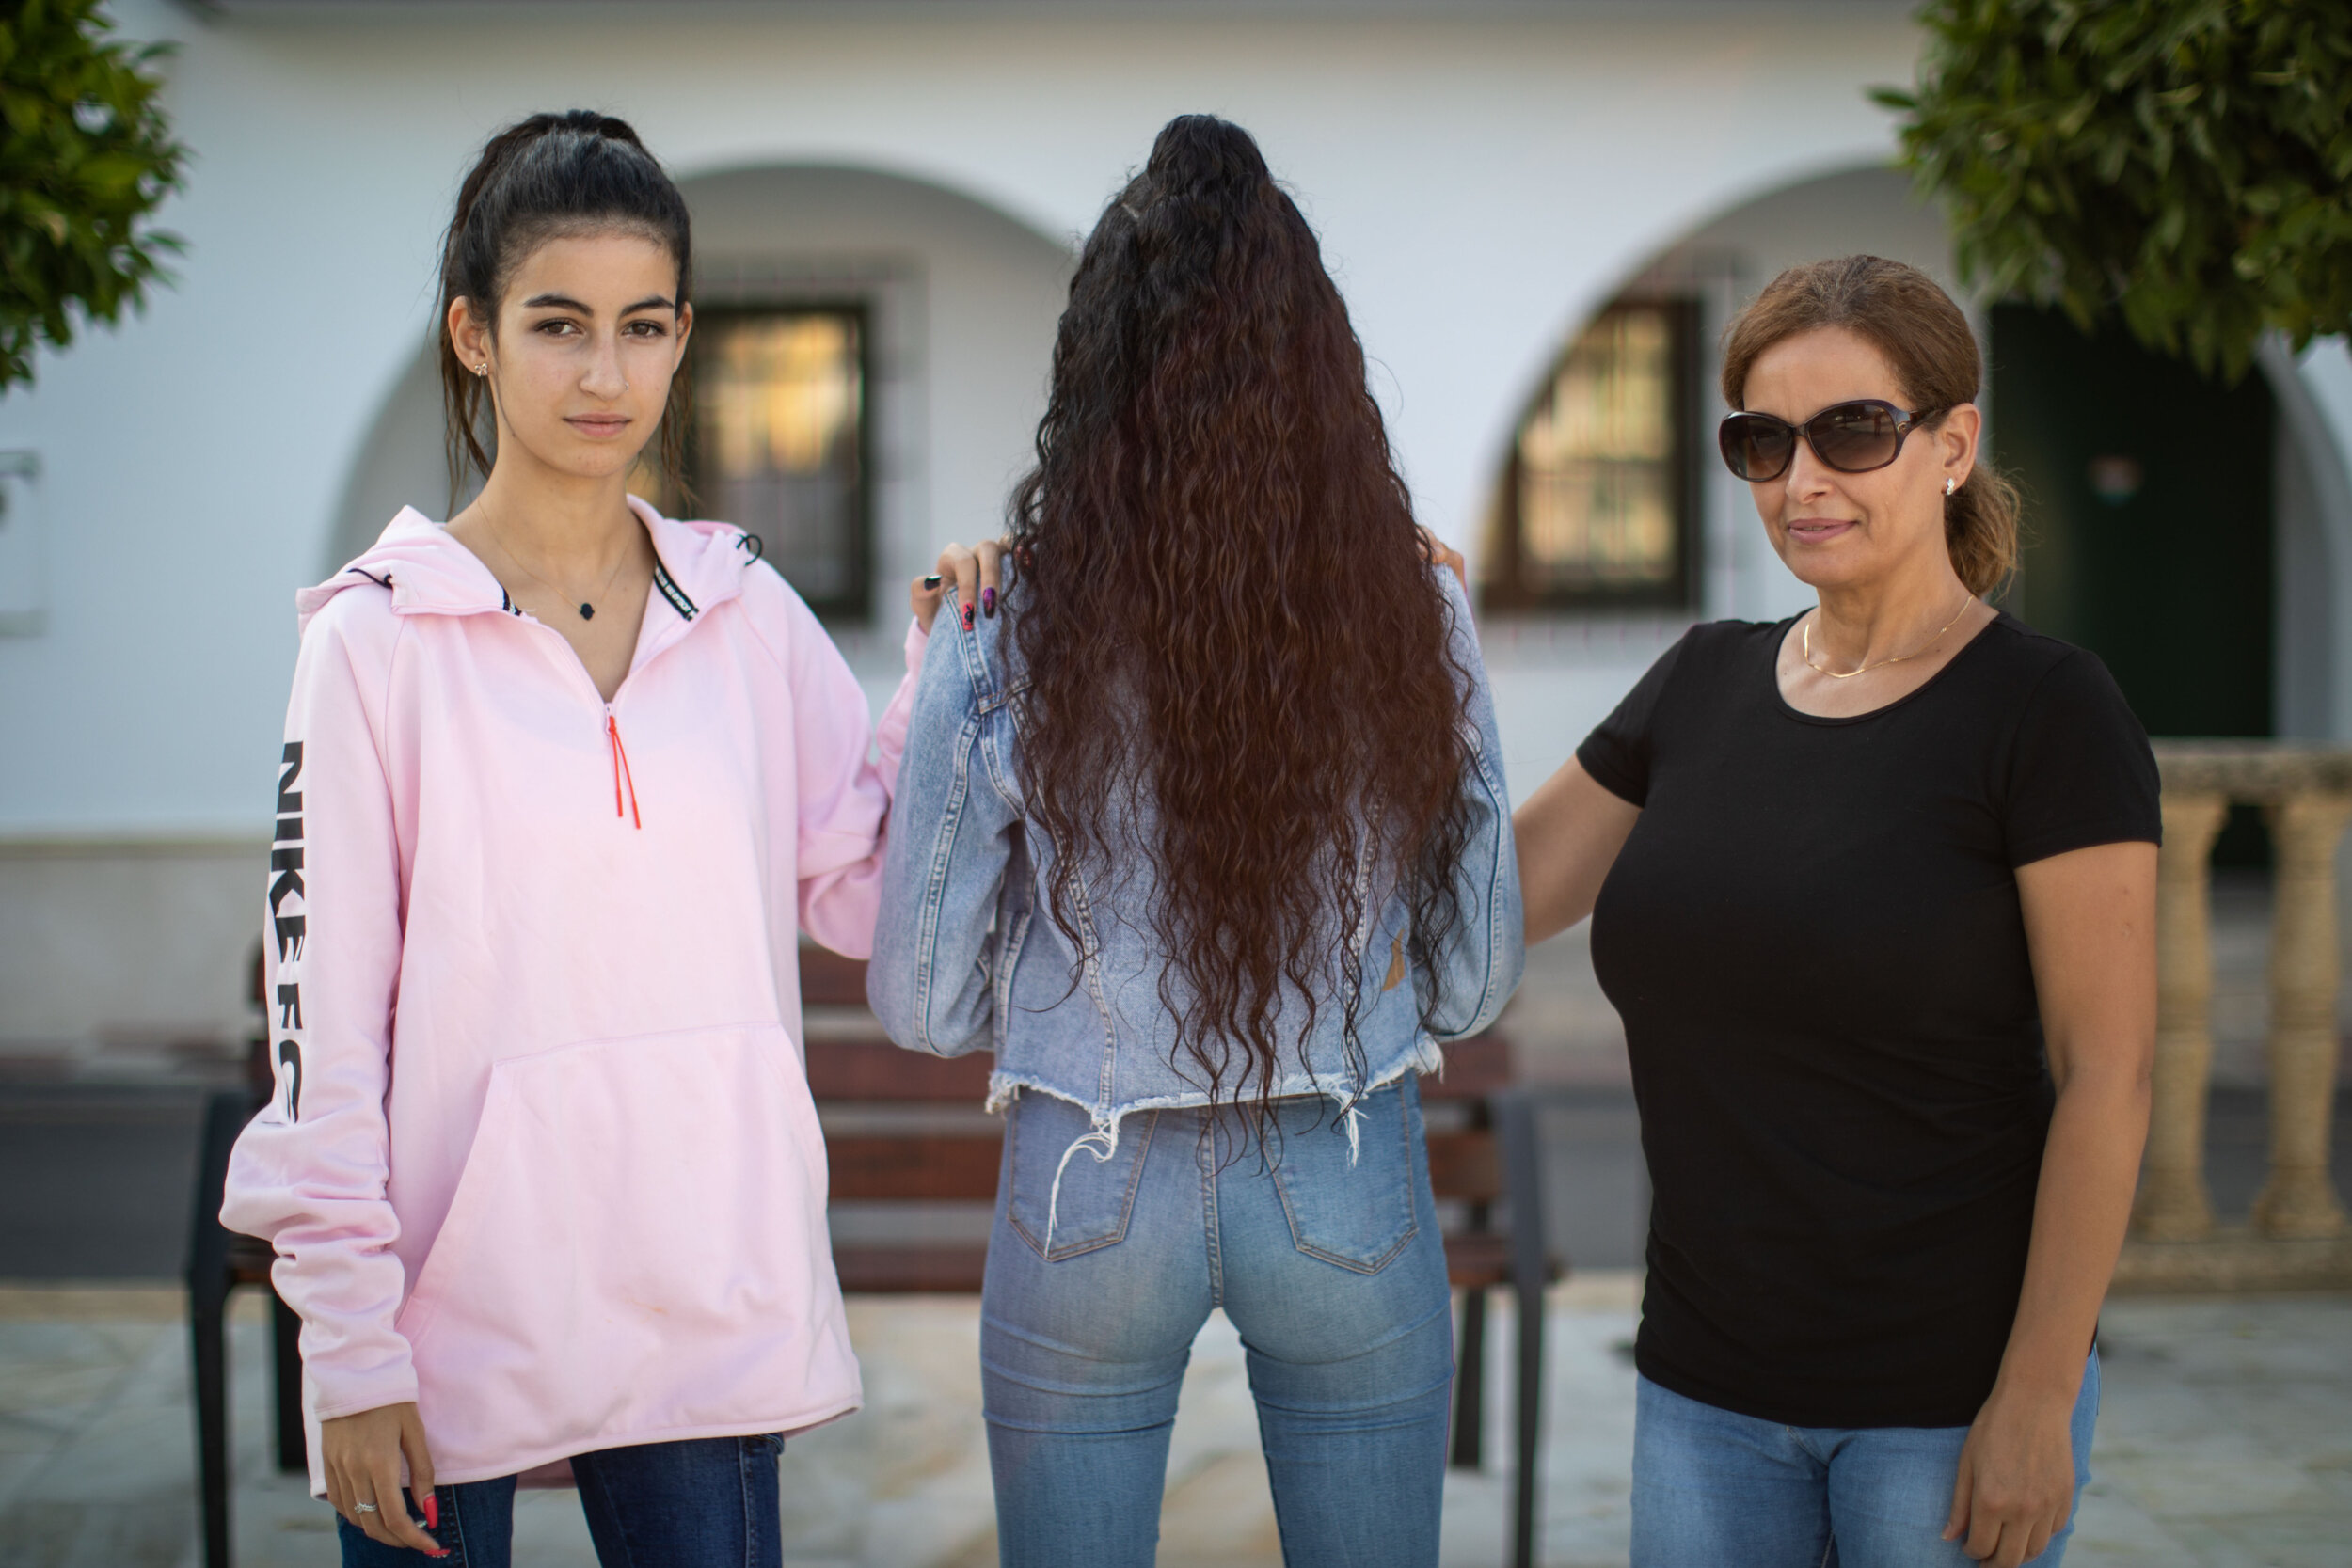 20190918.- Foto: Fermin Rodriguez. Kauty y Khady, hermana y madre respectivamente, de la chica criticada por VOX en el pueblo granadino de Otura, arropan a la chica.